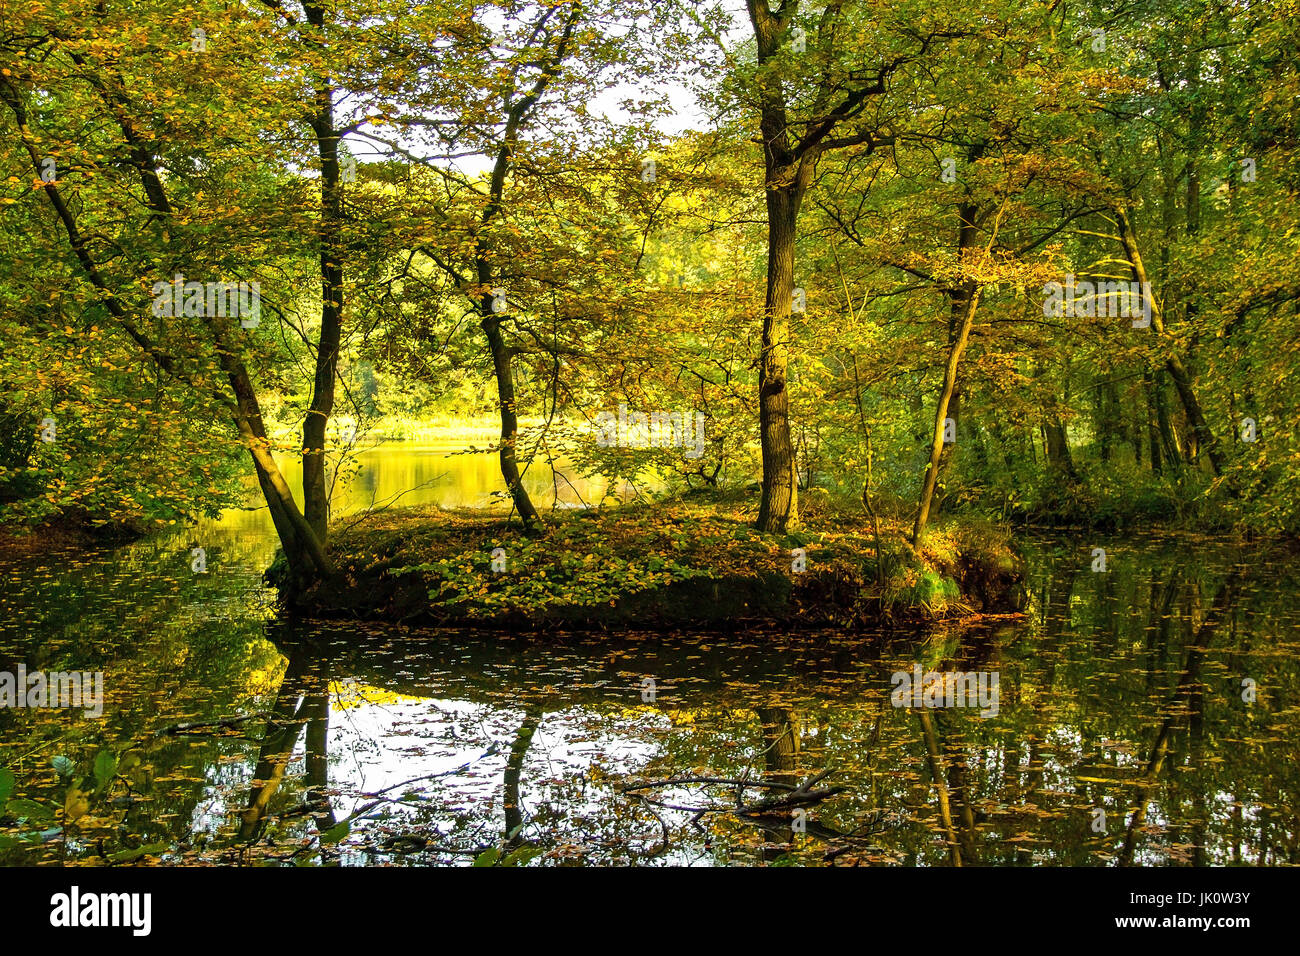 Étang au milieu d'une pause avec bois hêtre lumineux début automne coloriage, weiher inmitten eines buchenbruchwalds beginnender herbstf mit lichten Banque D'Images